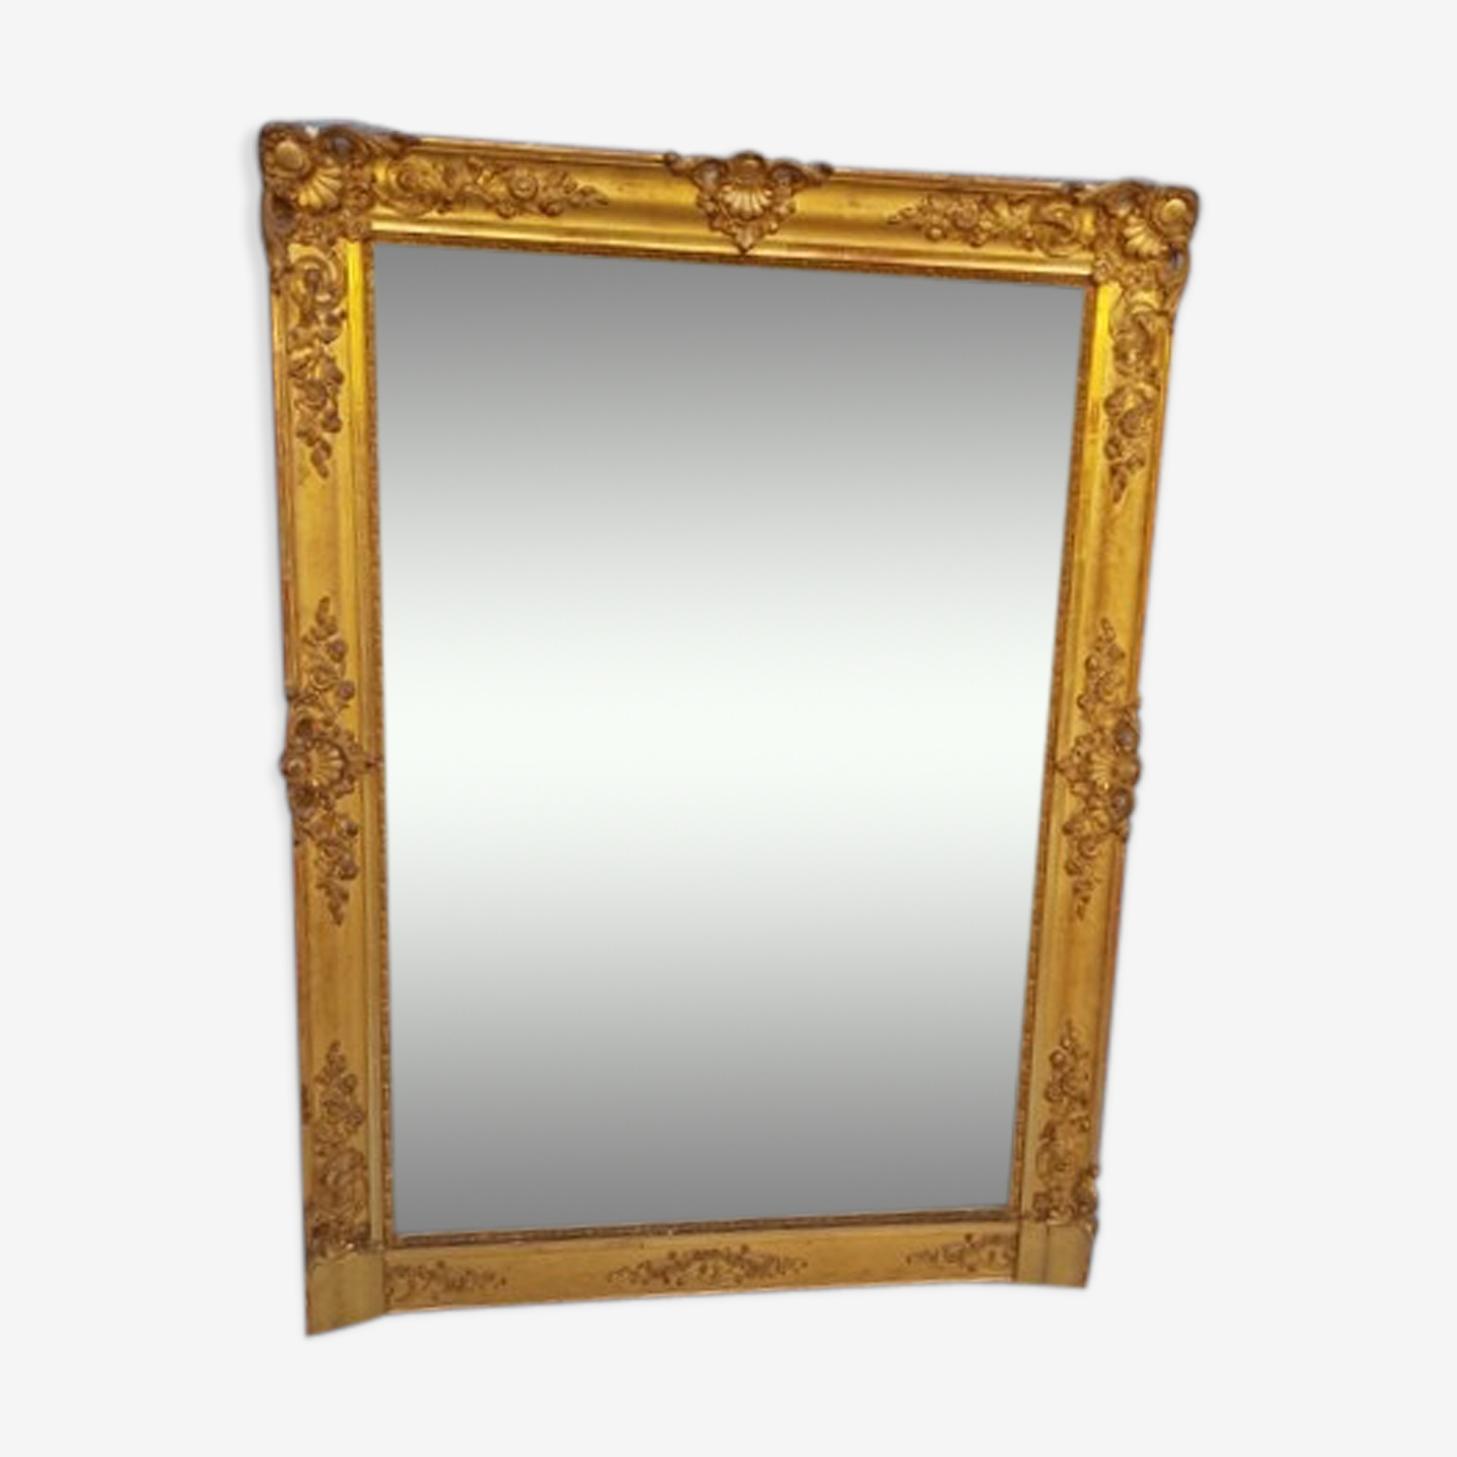 Grand miroir bois et stuc doré, XIXème, 155 X 112 cm